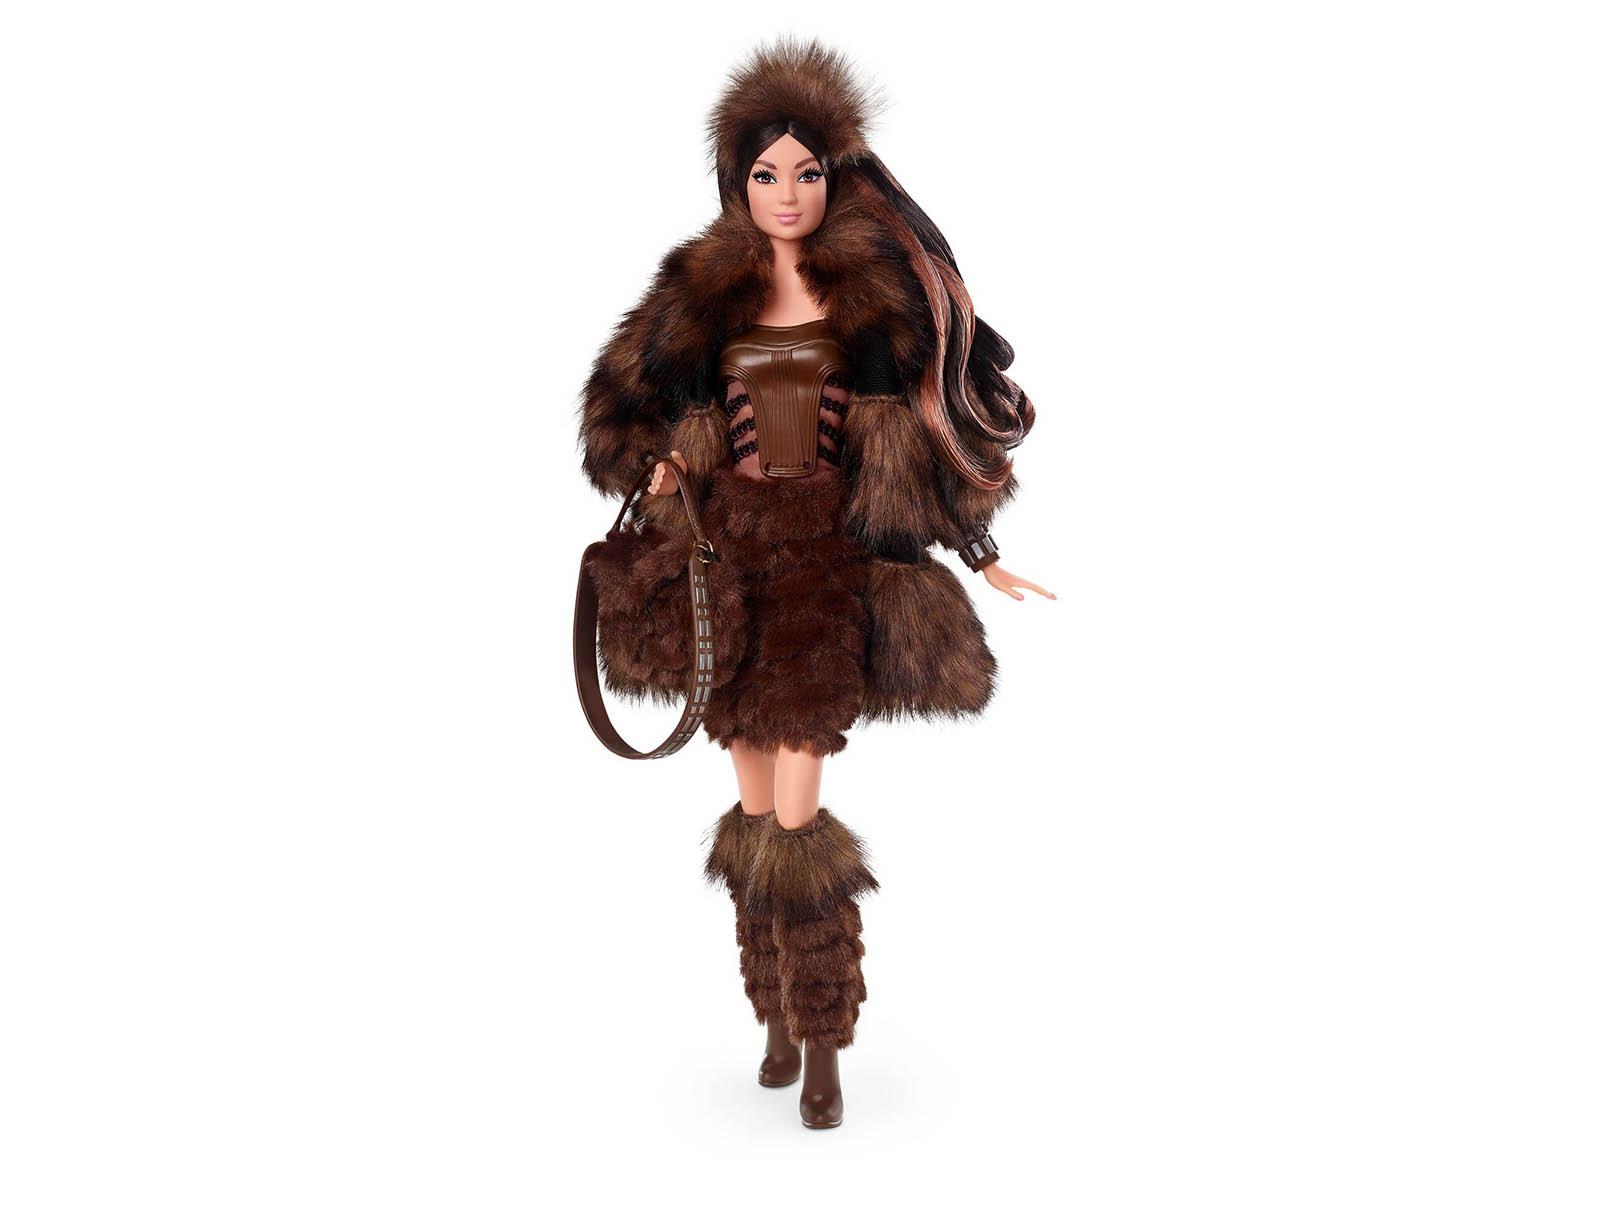 Barbie Chewbacca Star Wars